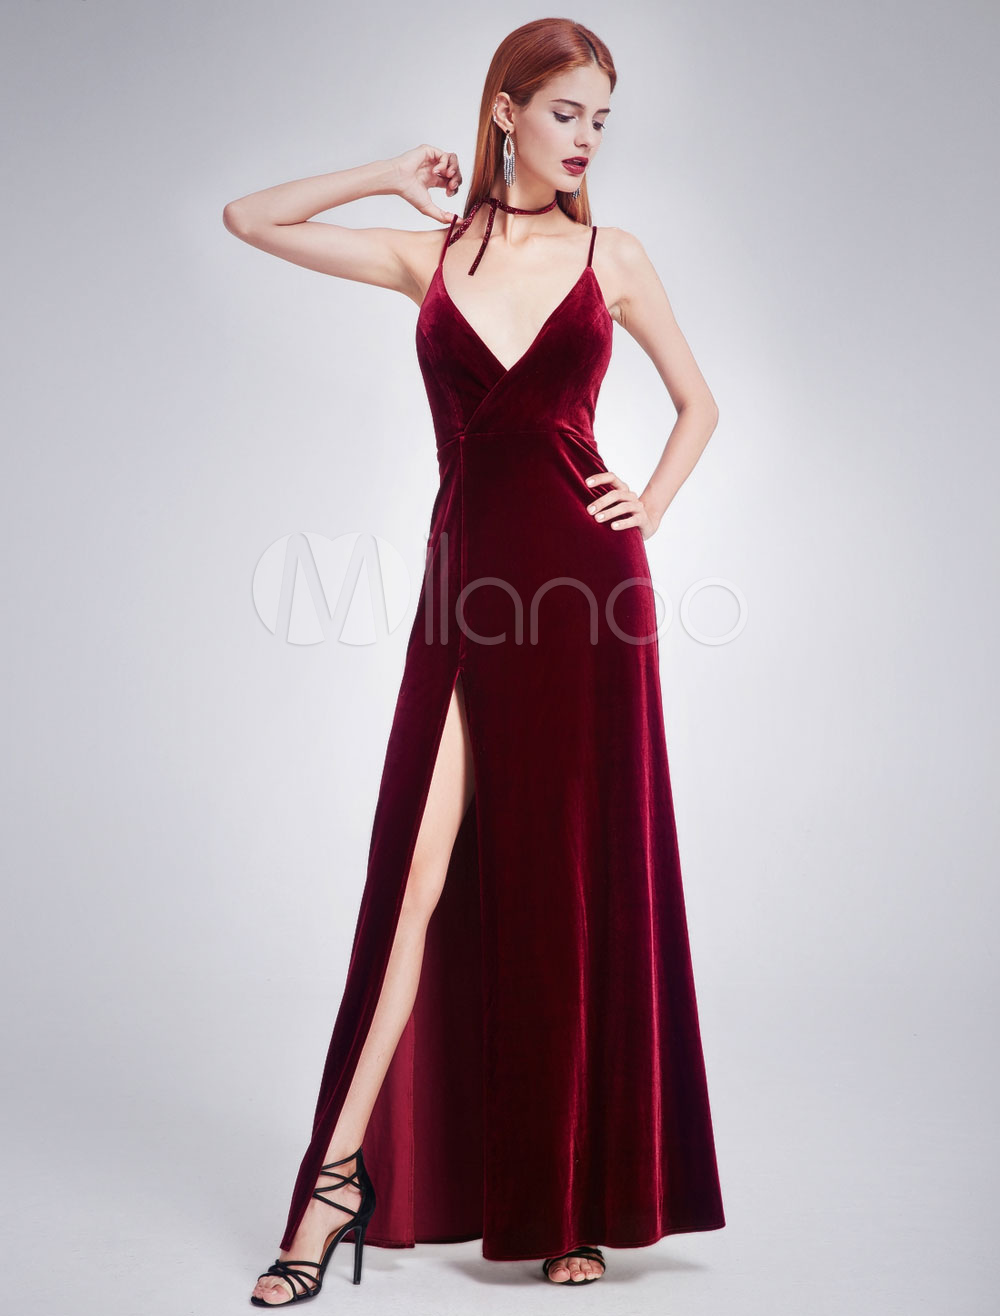 Velvet Prom Dress Long V Neck Burgundy Evening Dress High Split ...